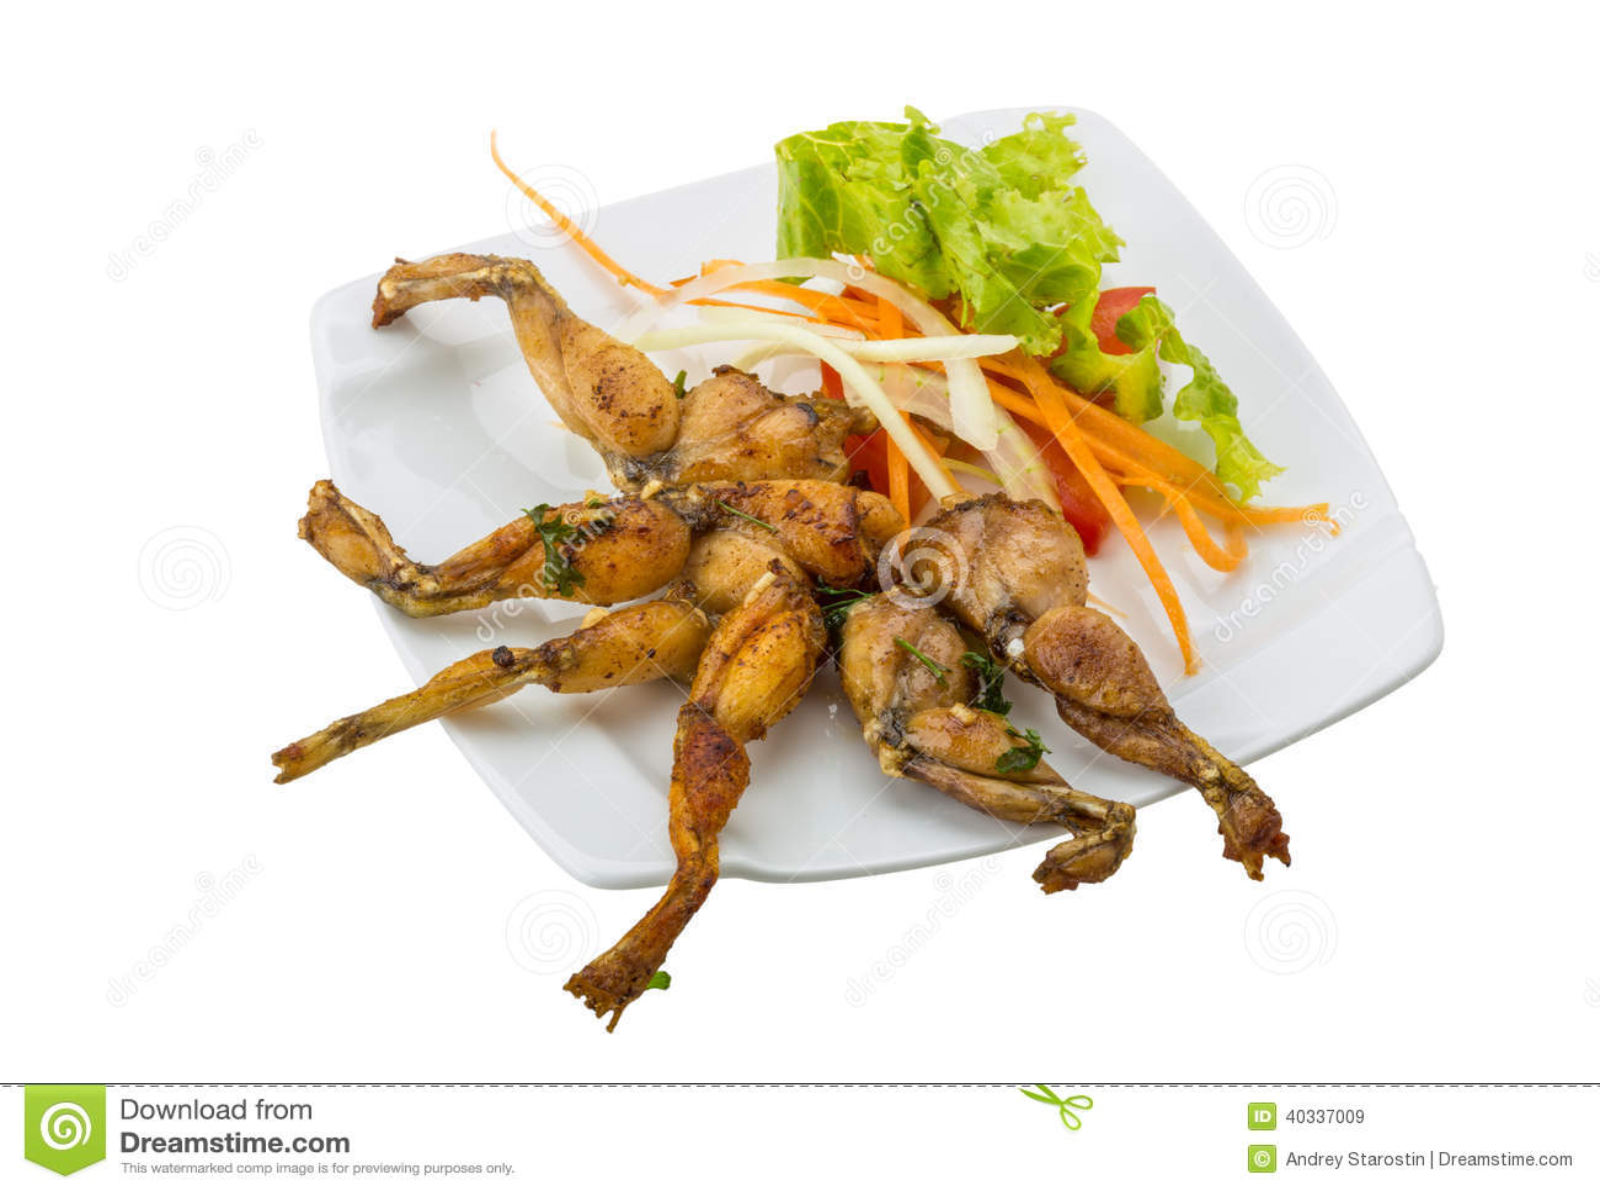 Französische küche froschschenkel  Französische Küche Froschschenkel | olegoff.com